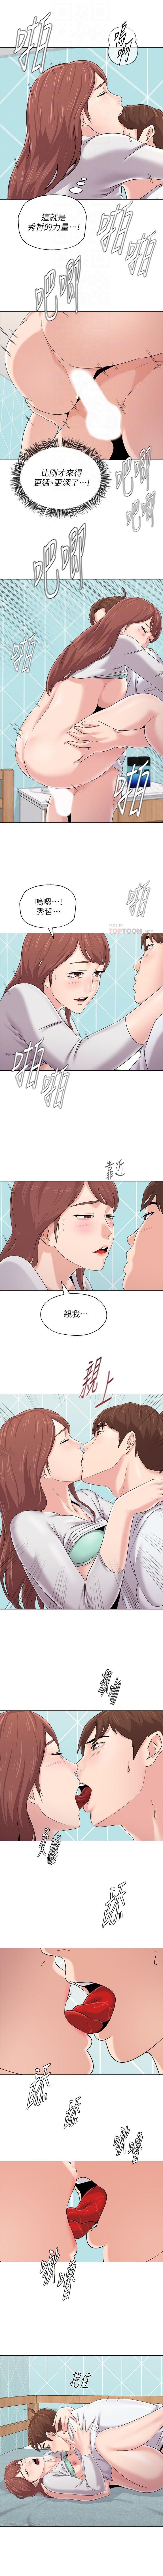 老師 1-80 官方中文(連載中) 568